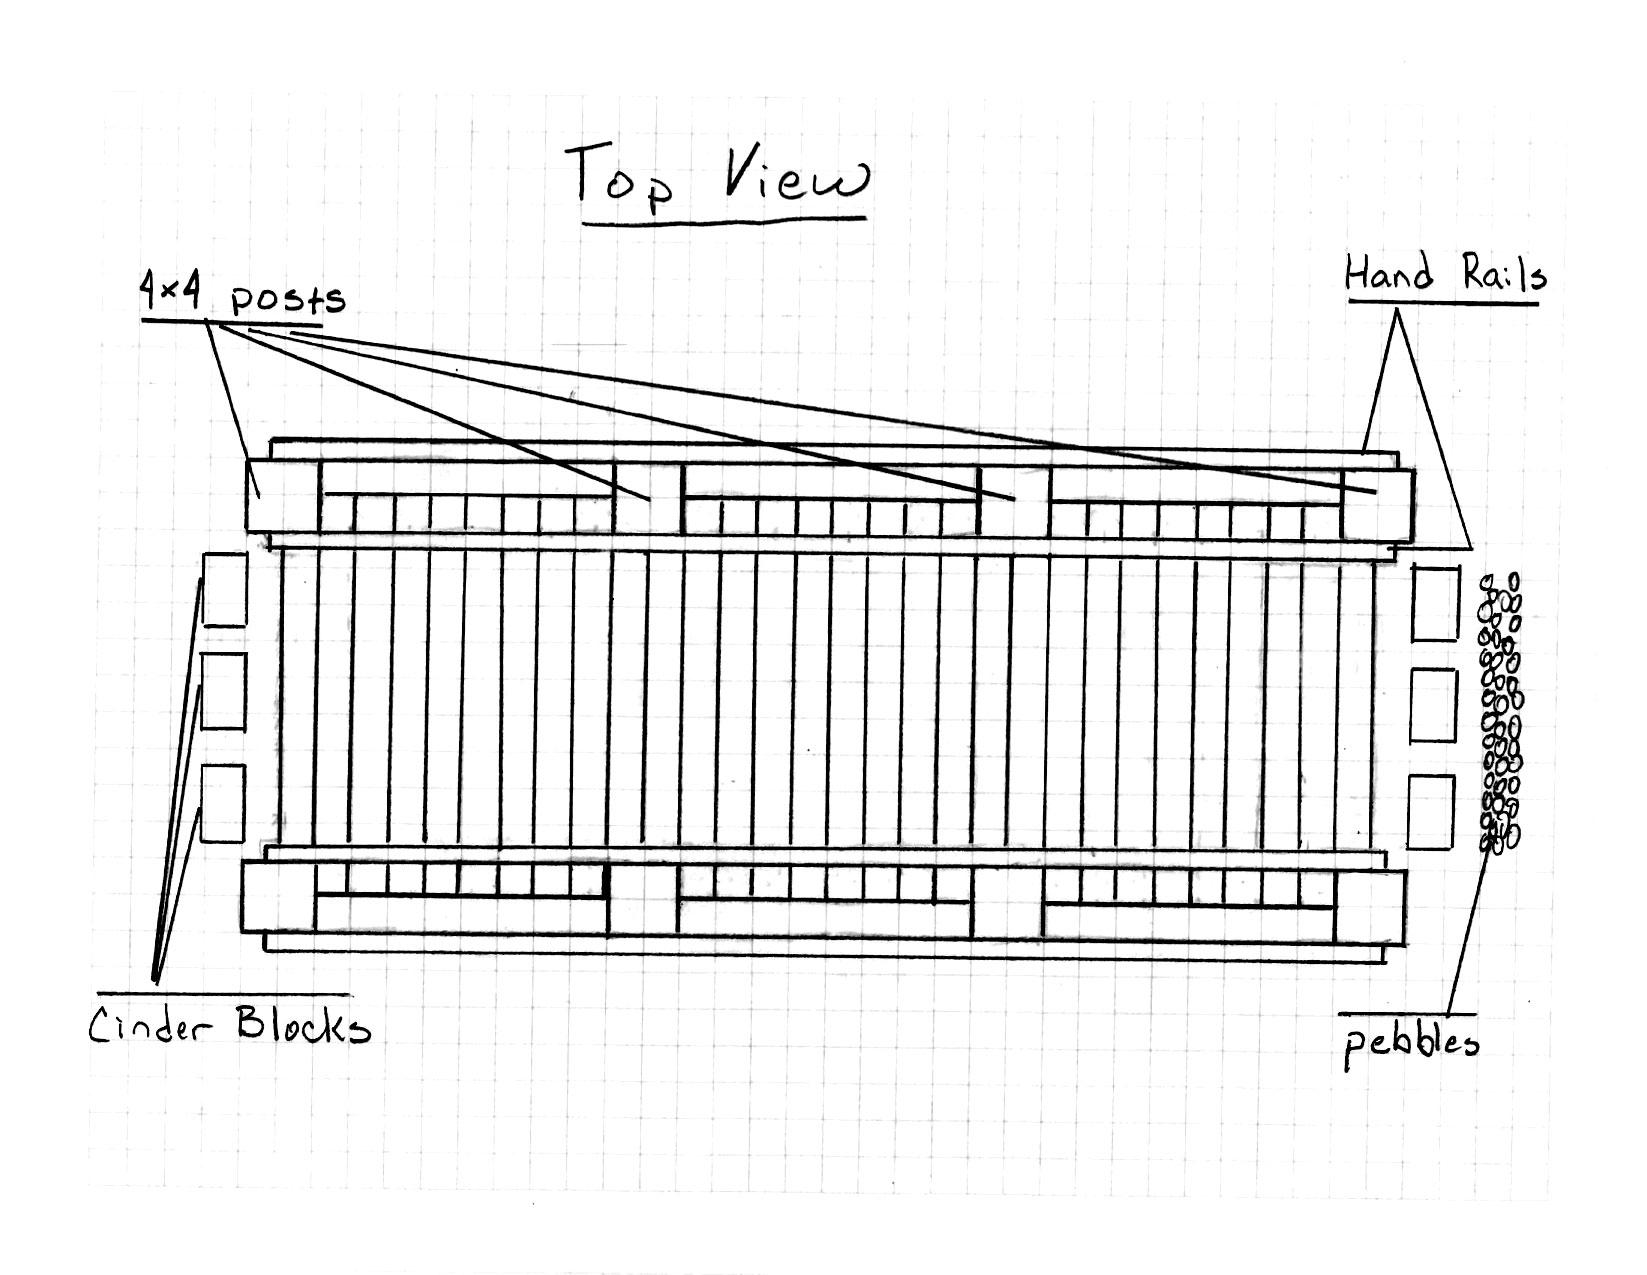 Bridge Drawing-Top View